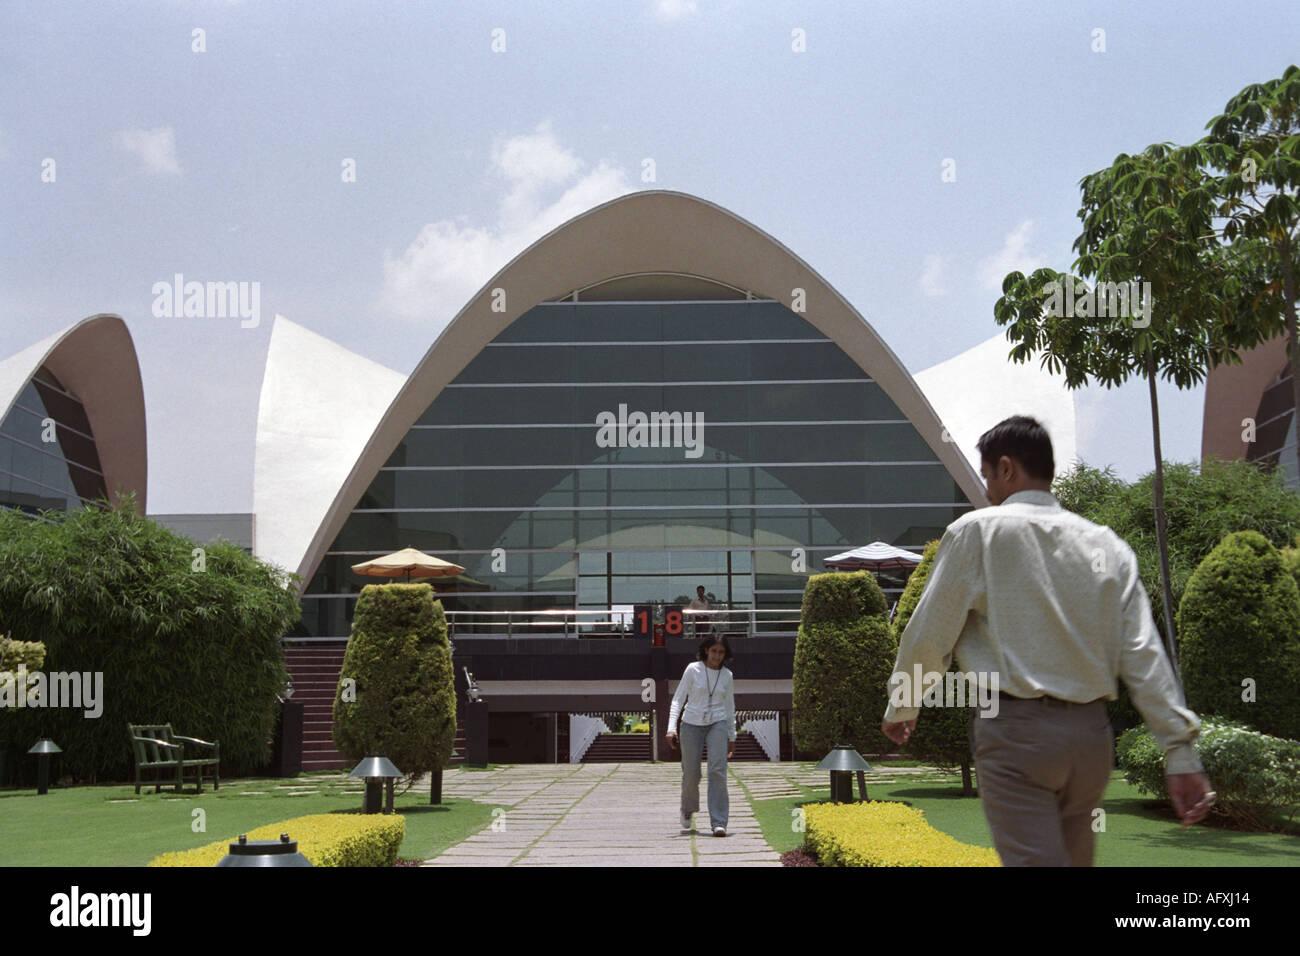 INDIA Bangalore motivi presso la sede di Infosys Technologies Ltd una società indiana che fornisce consulenza e all'IT Immagini Stock